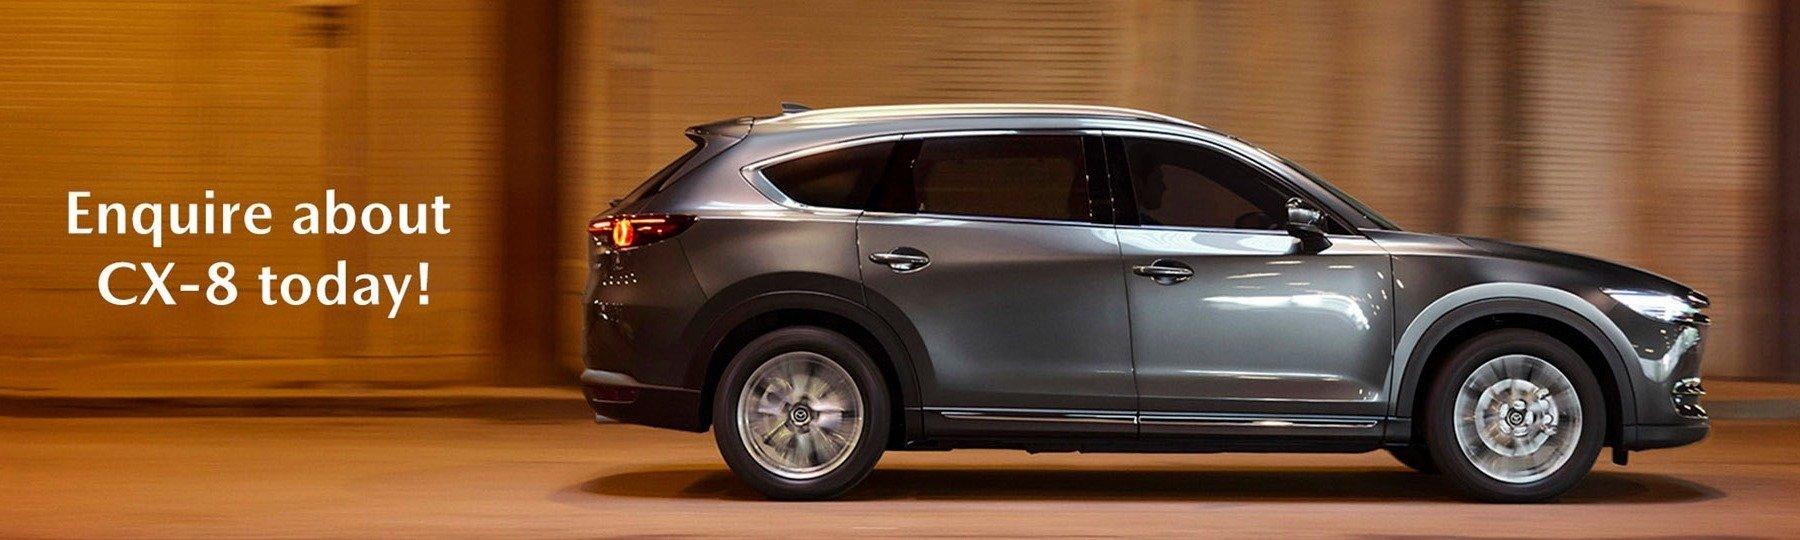 Ryde Mazda | Mazda CX-8